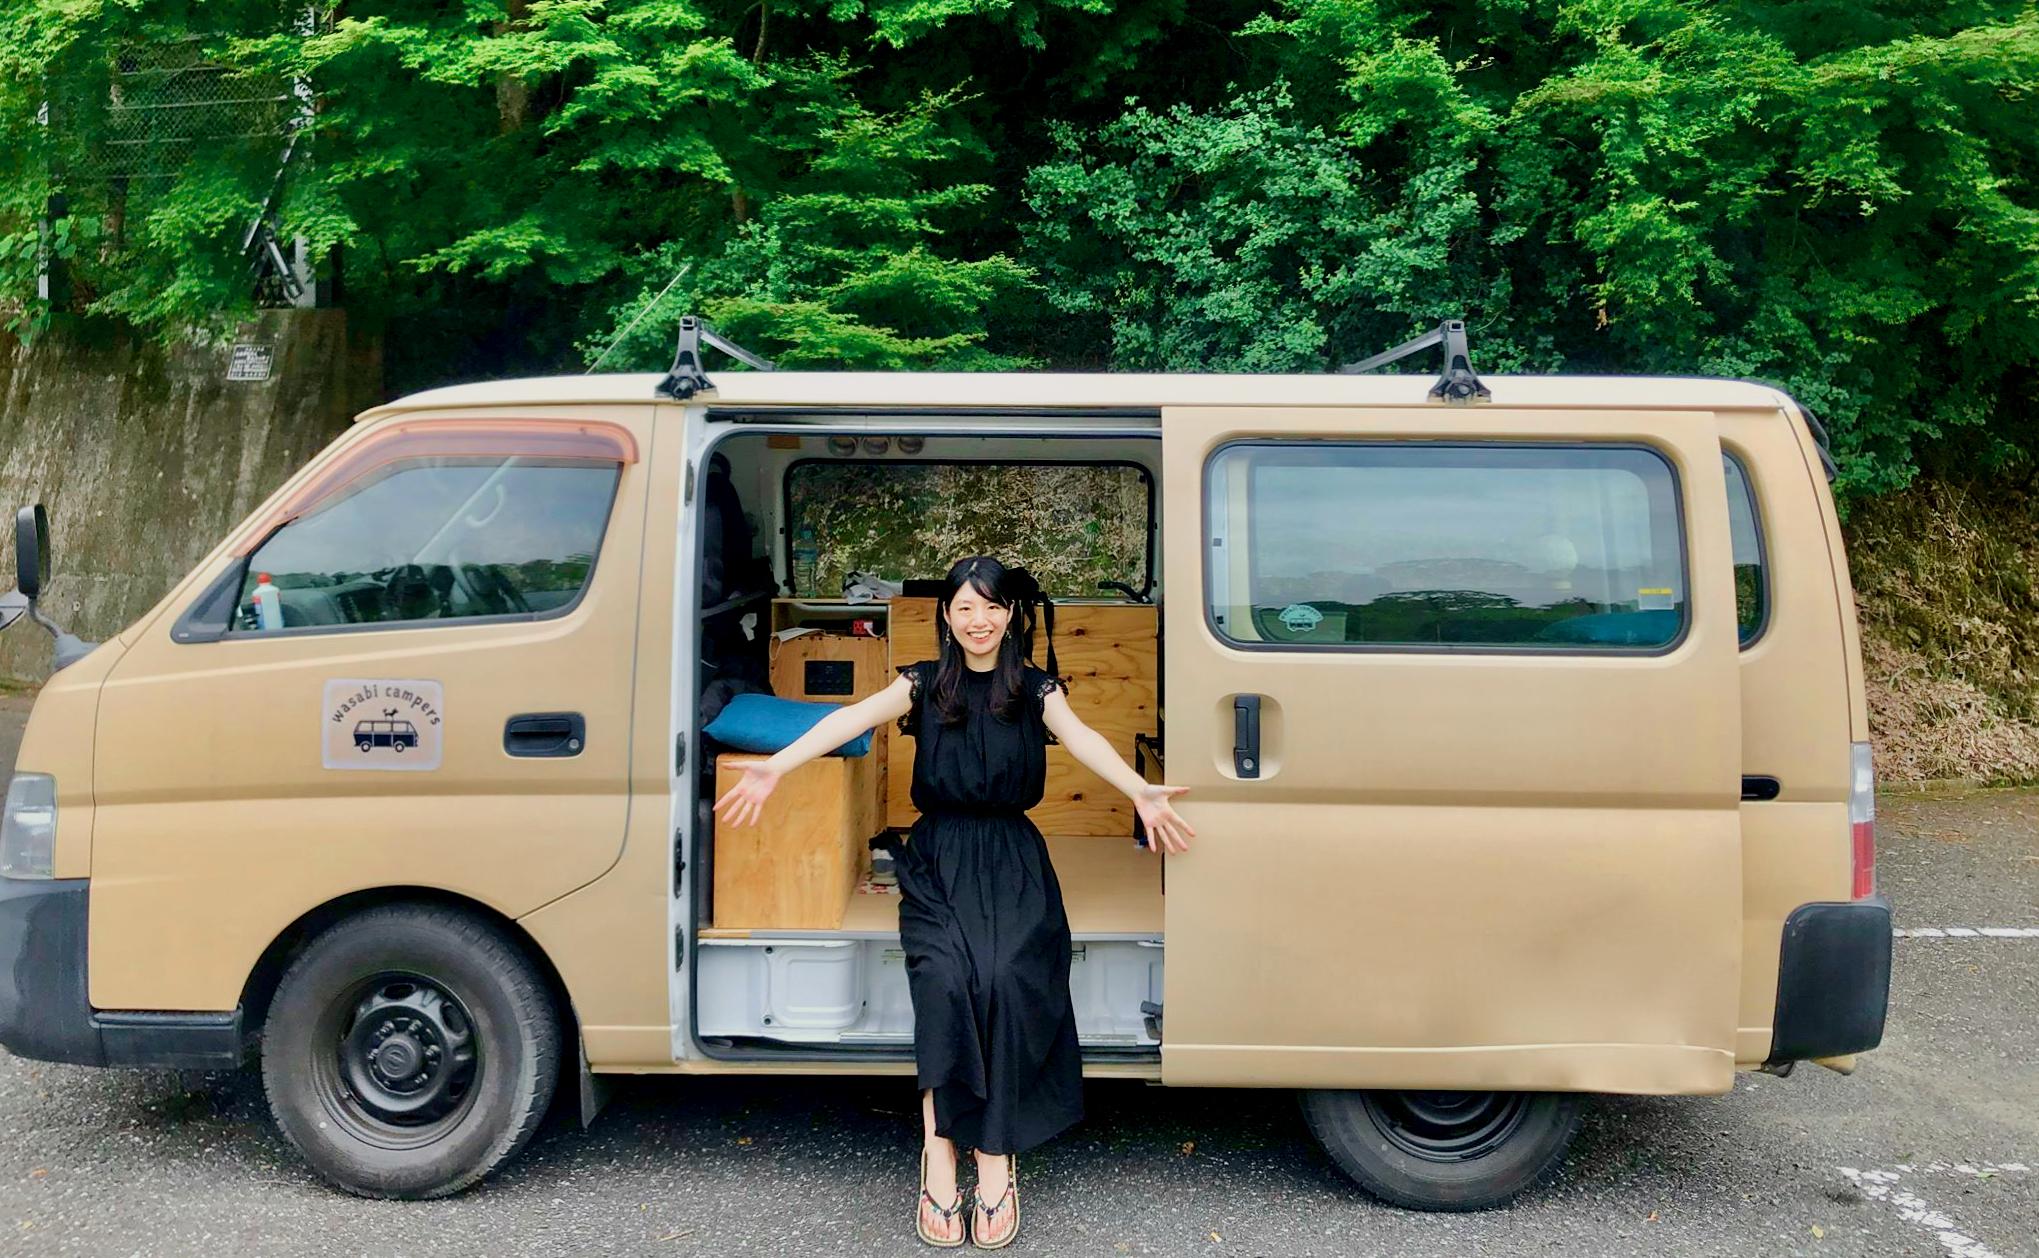 20代女子がキャンピングカーのカーシェア「バンシェア」で日産キャラバンを借りて、千葉県へ車中泊旅してきた